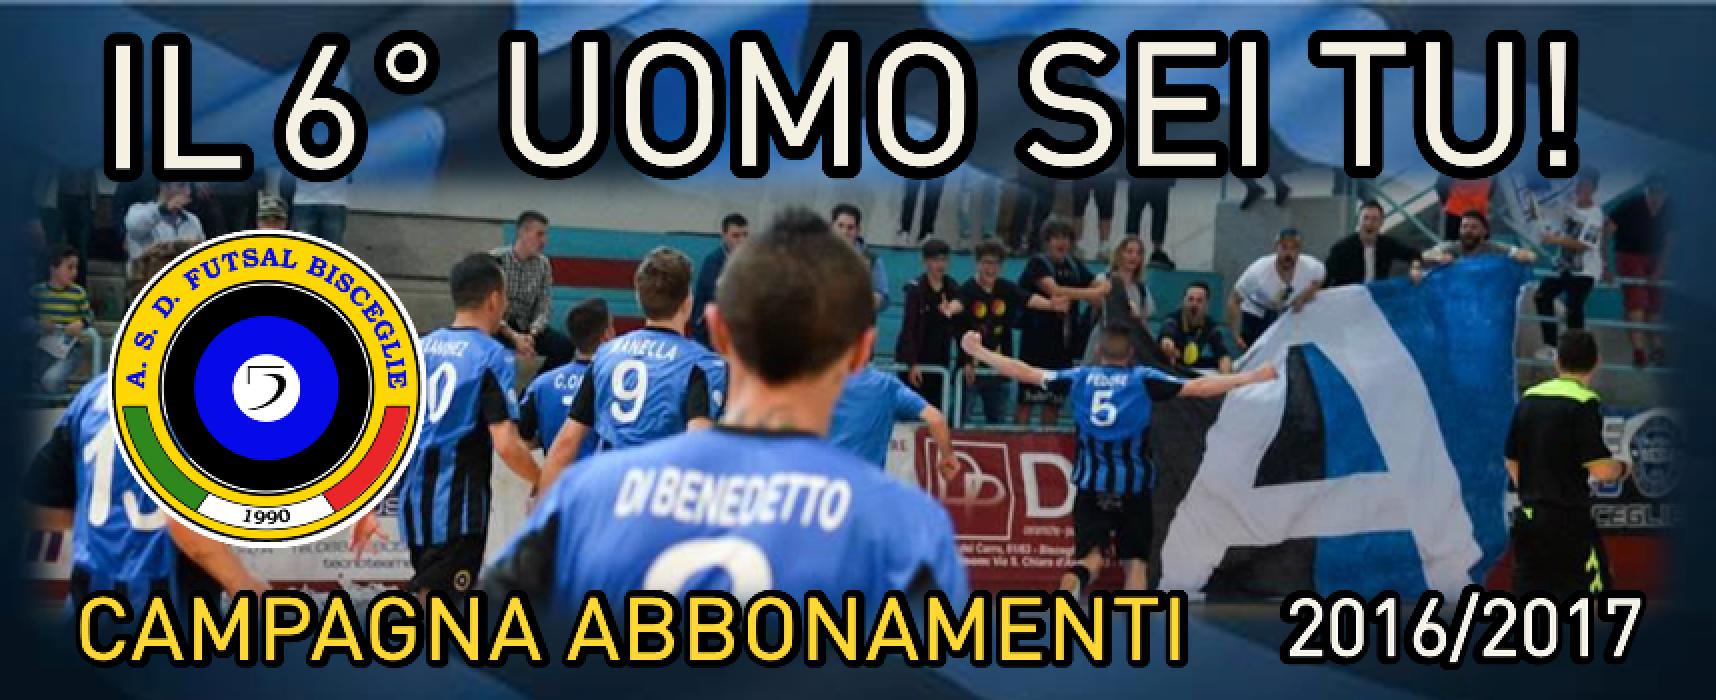 """""""Il 6° uomo sei tu!"""" Parte oggi la campagna abbonamenti del Futsal Bisceglie"""